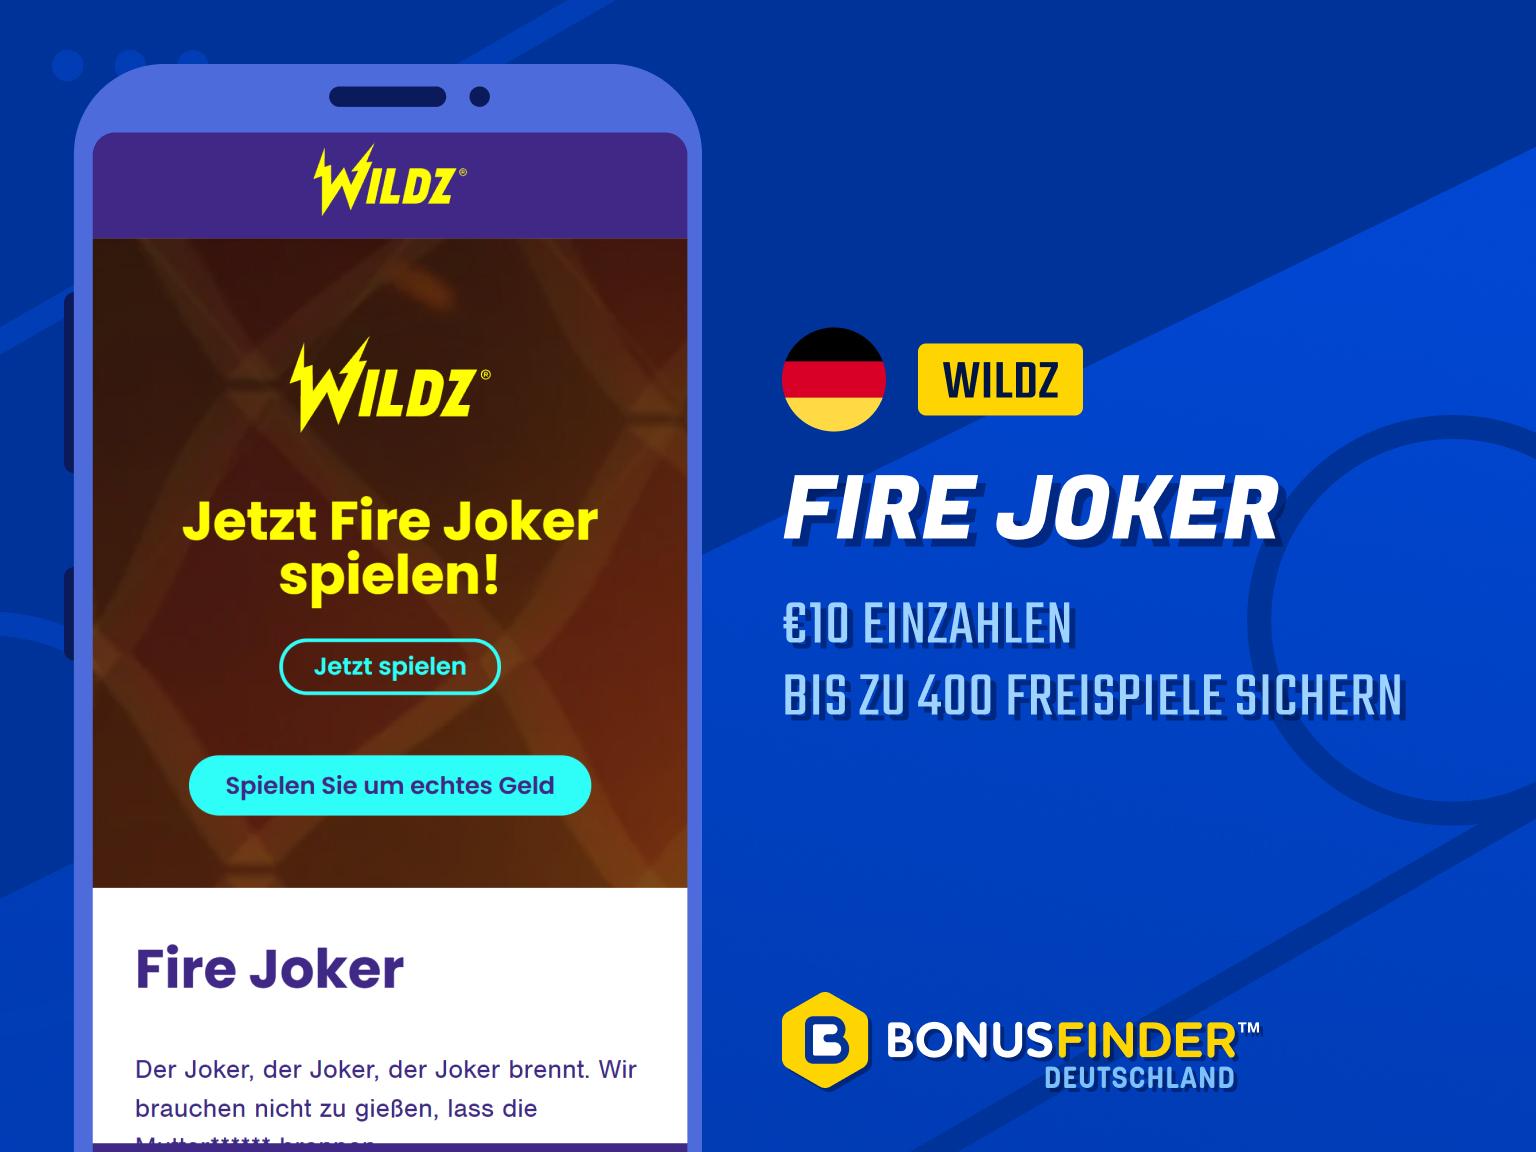 100 freispiele fire joker